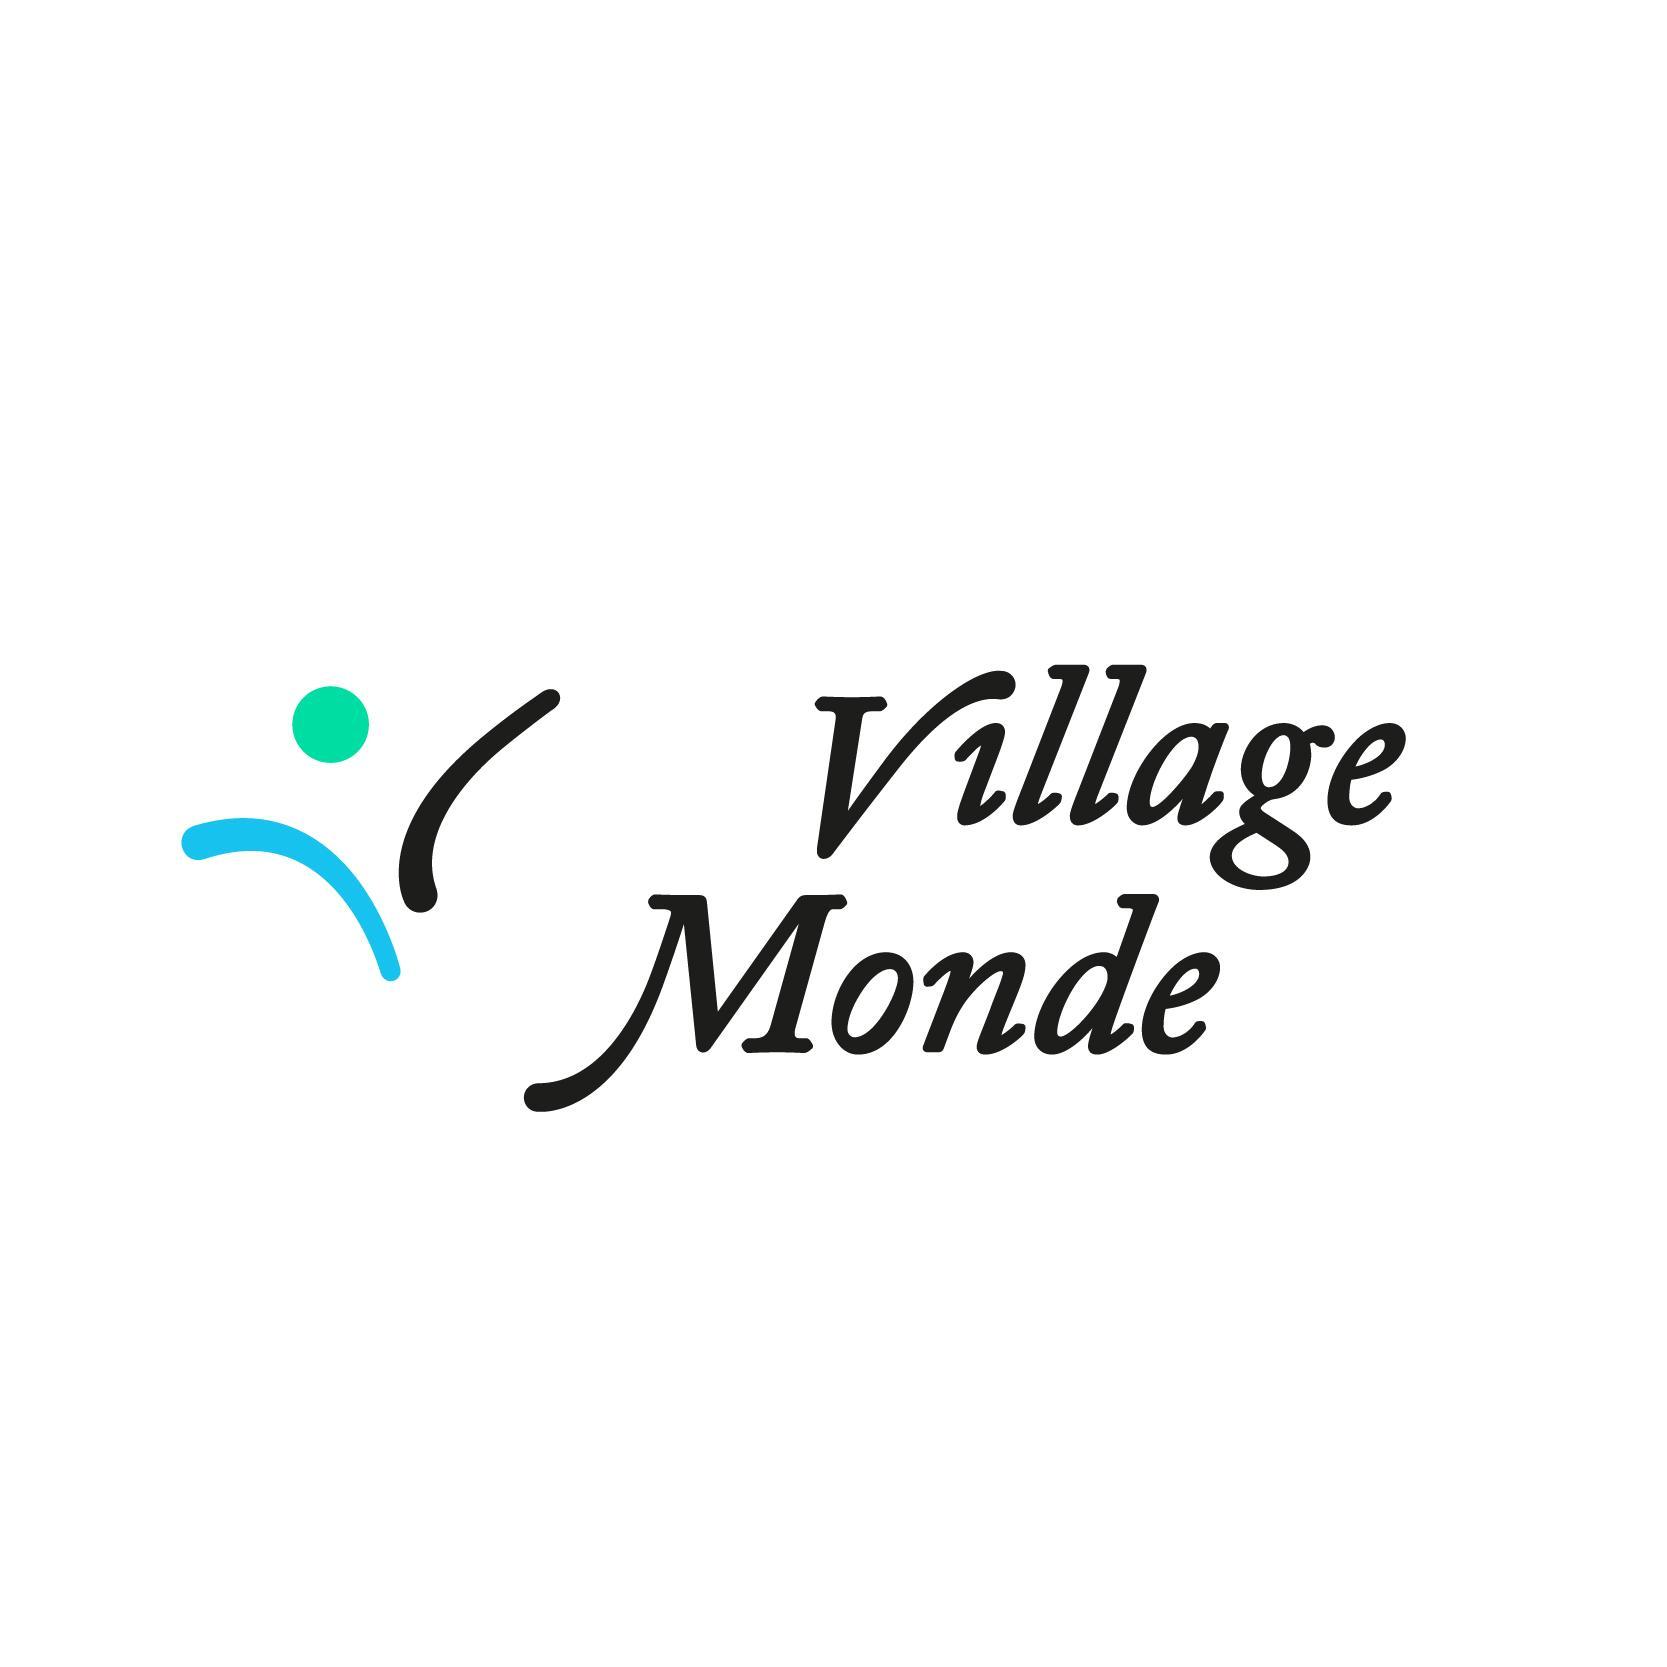 Village Monde logo